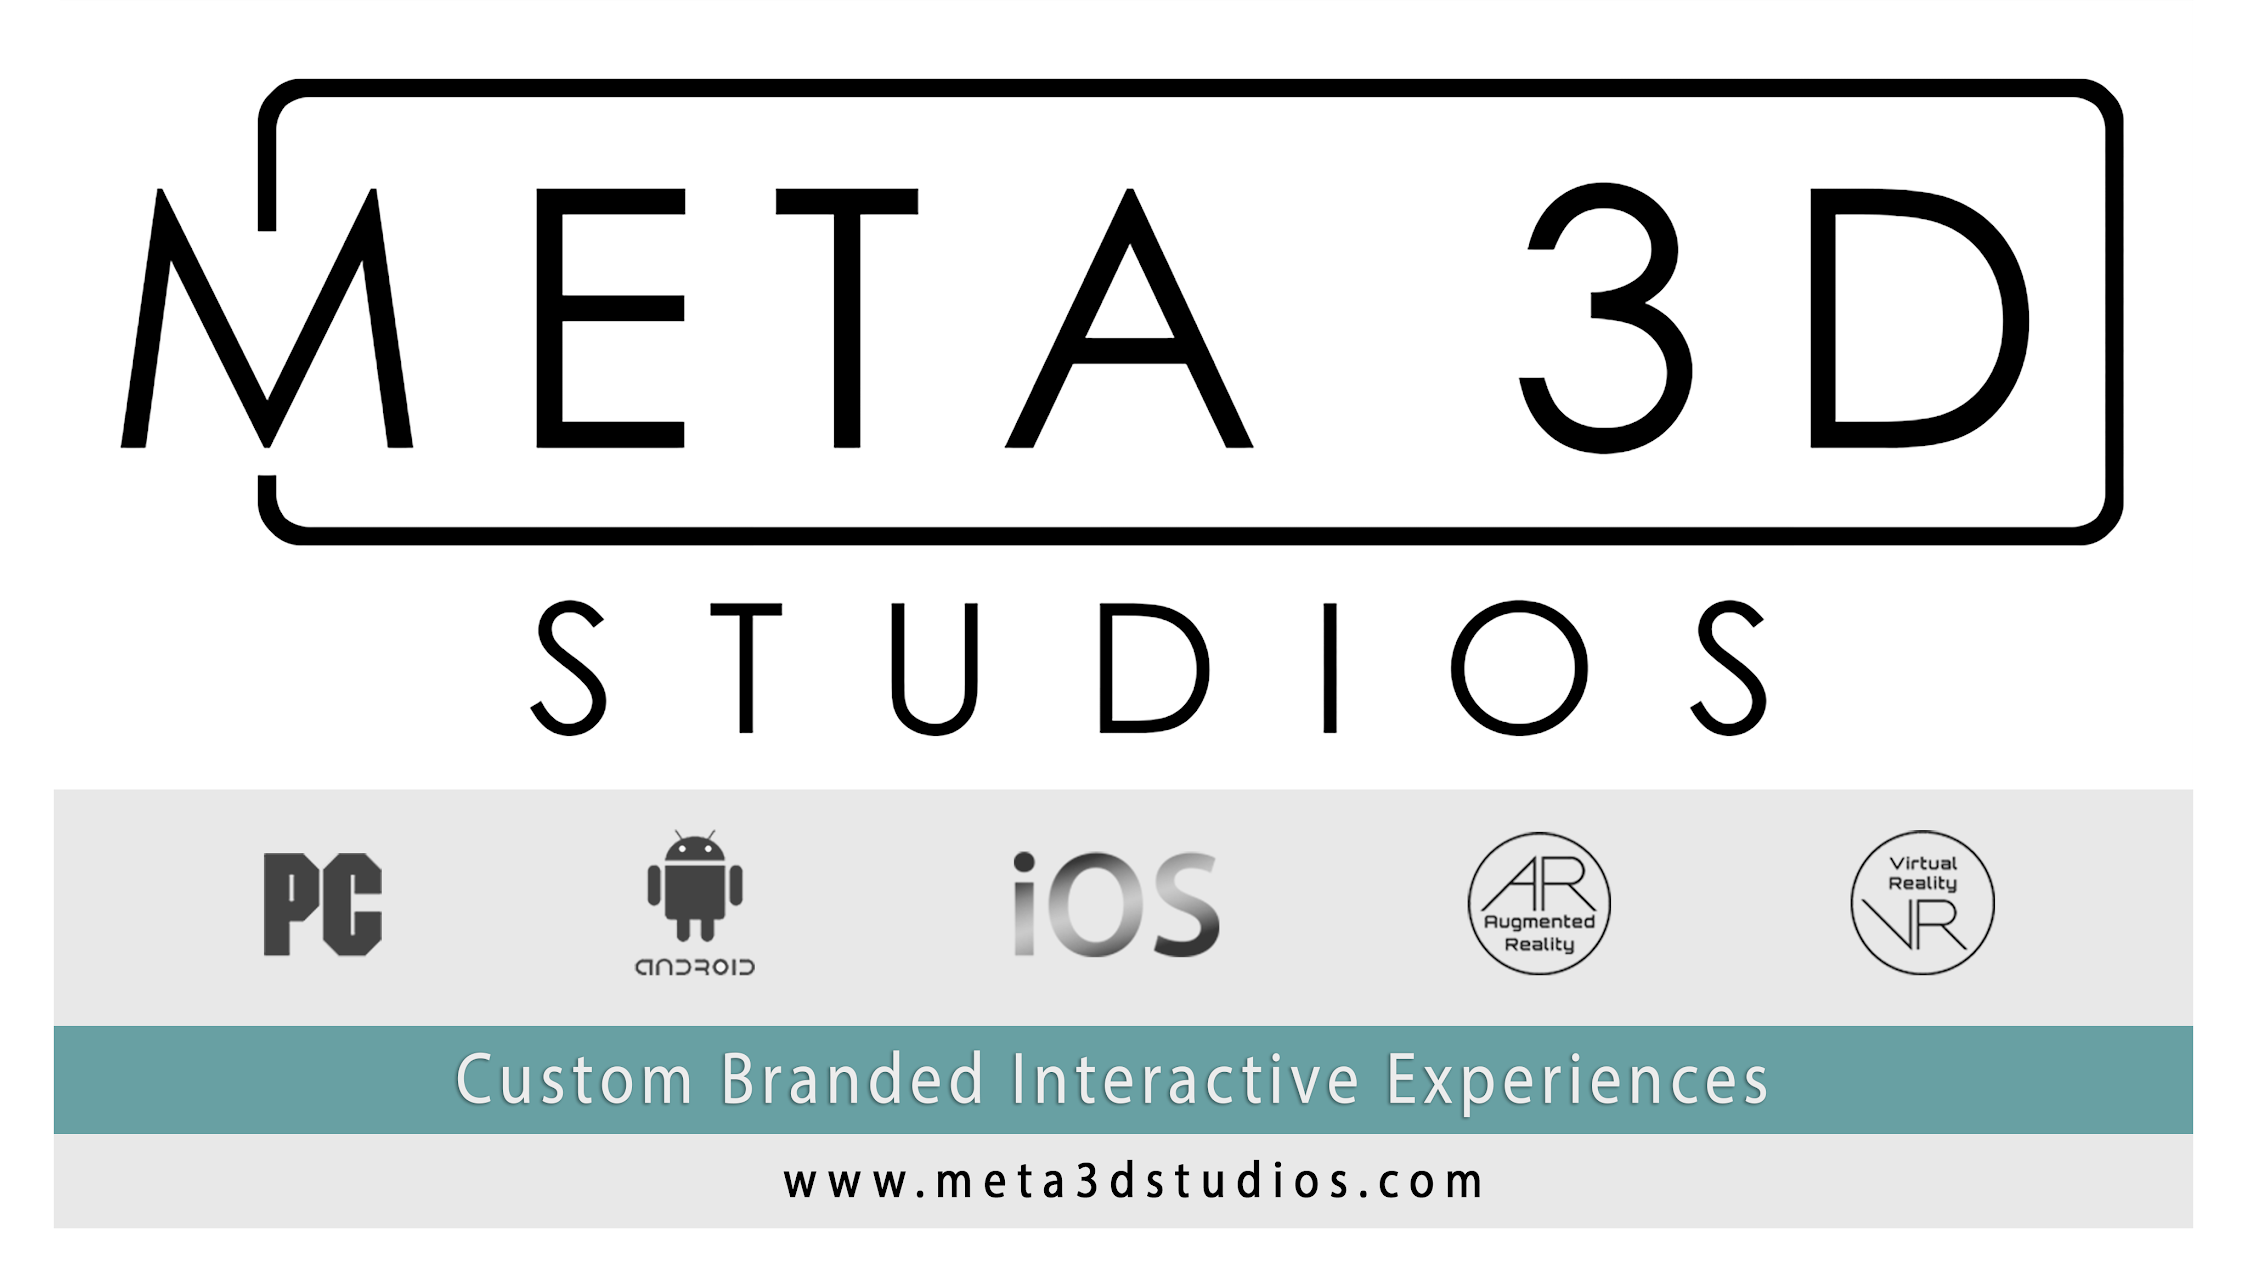 Meta 3D Studios